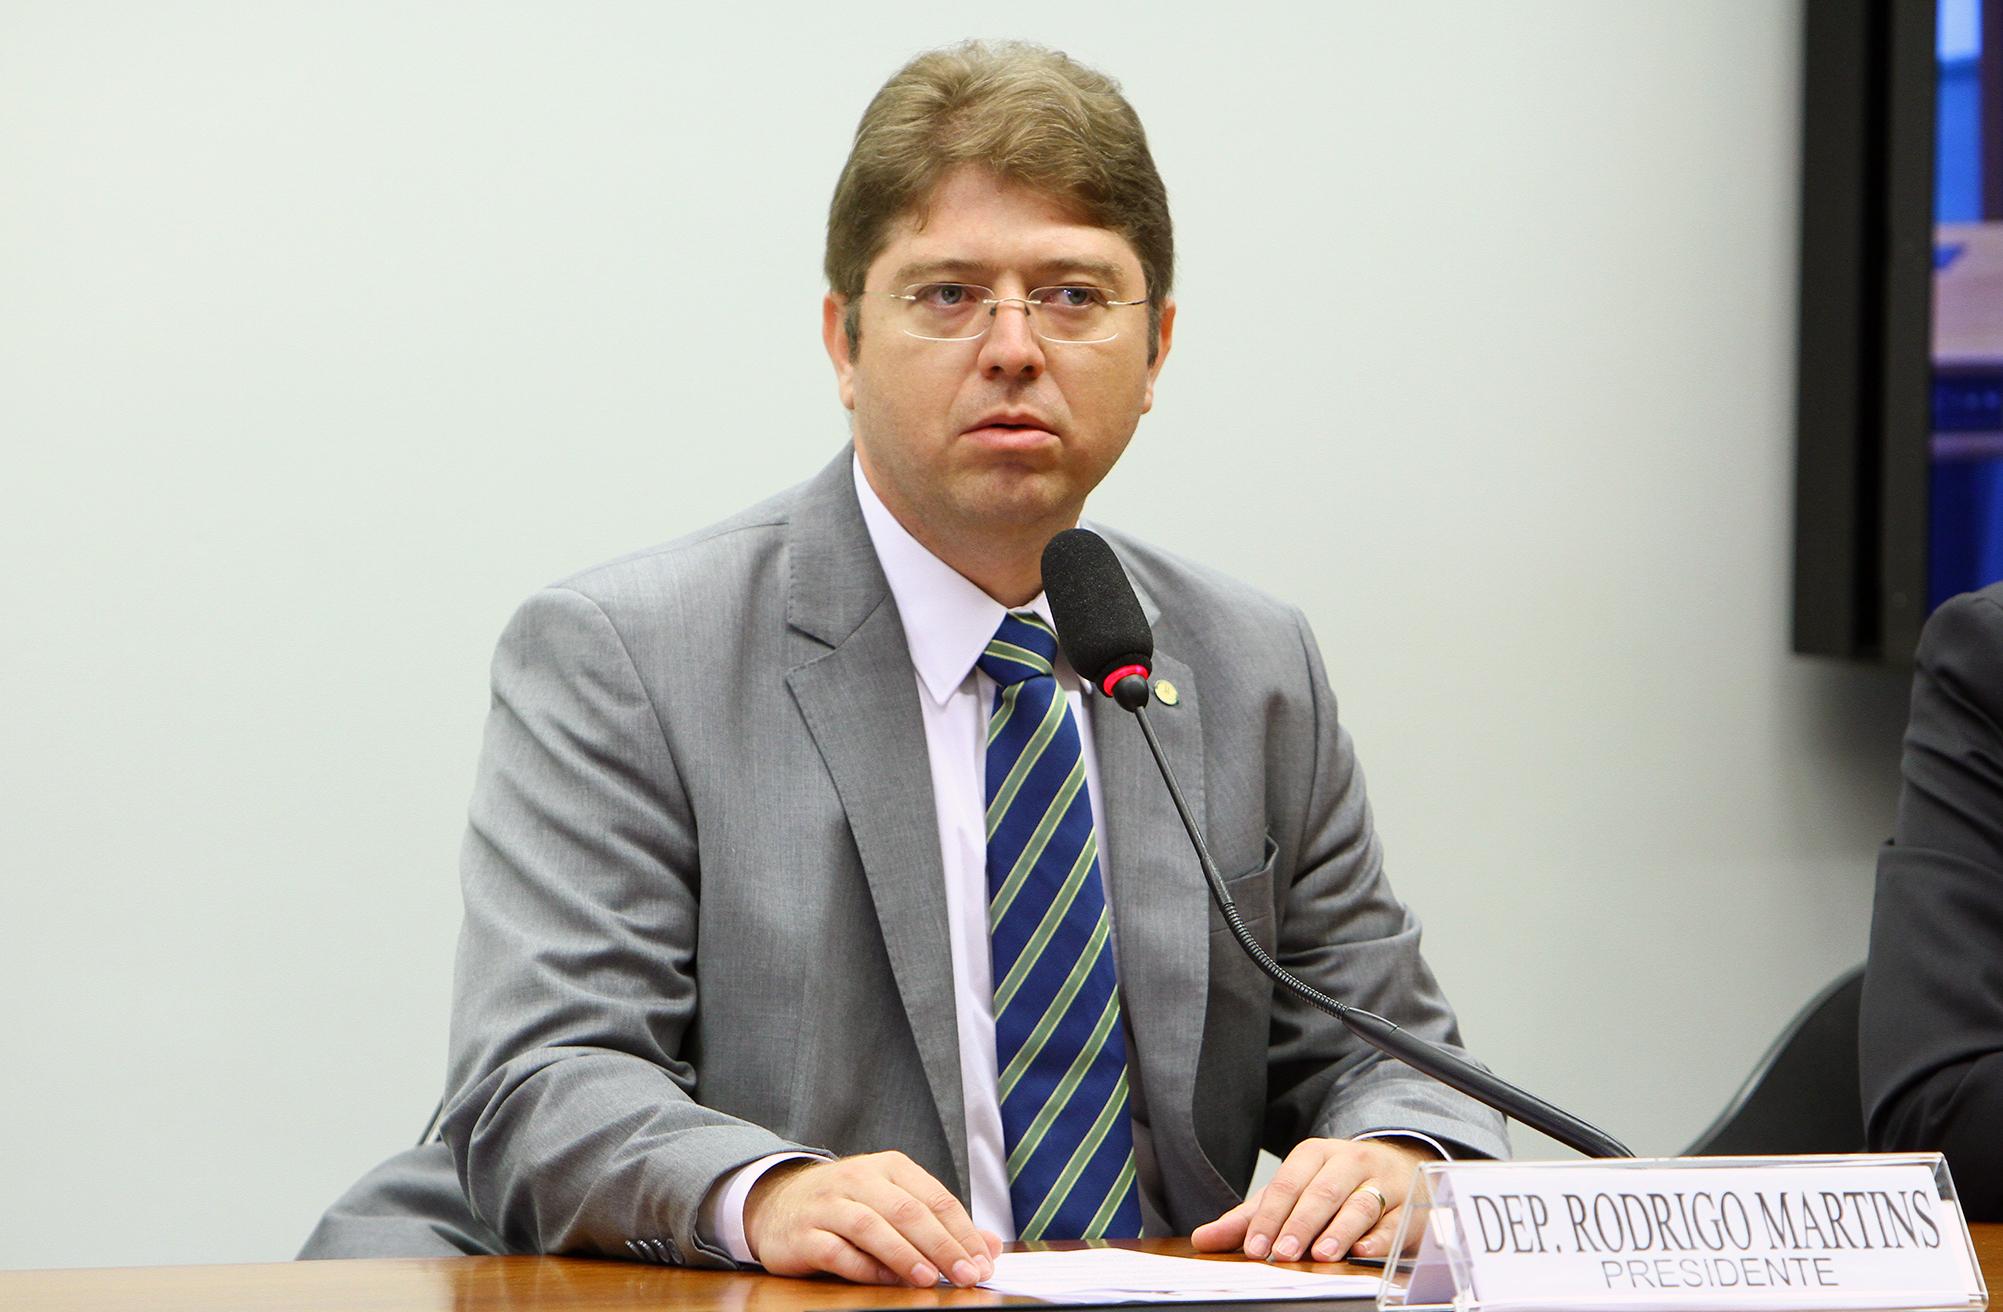 Reunião de instalação da comissão e eleição do novo presidente. Presidente eleito, dep. Rodrigo Martins (PSB - PI)